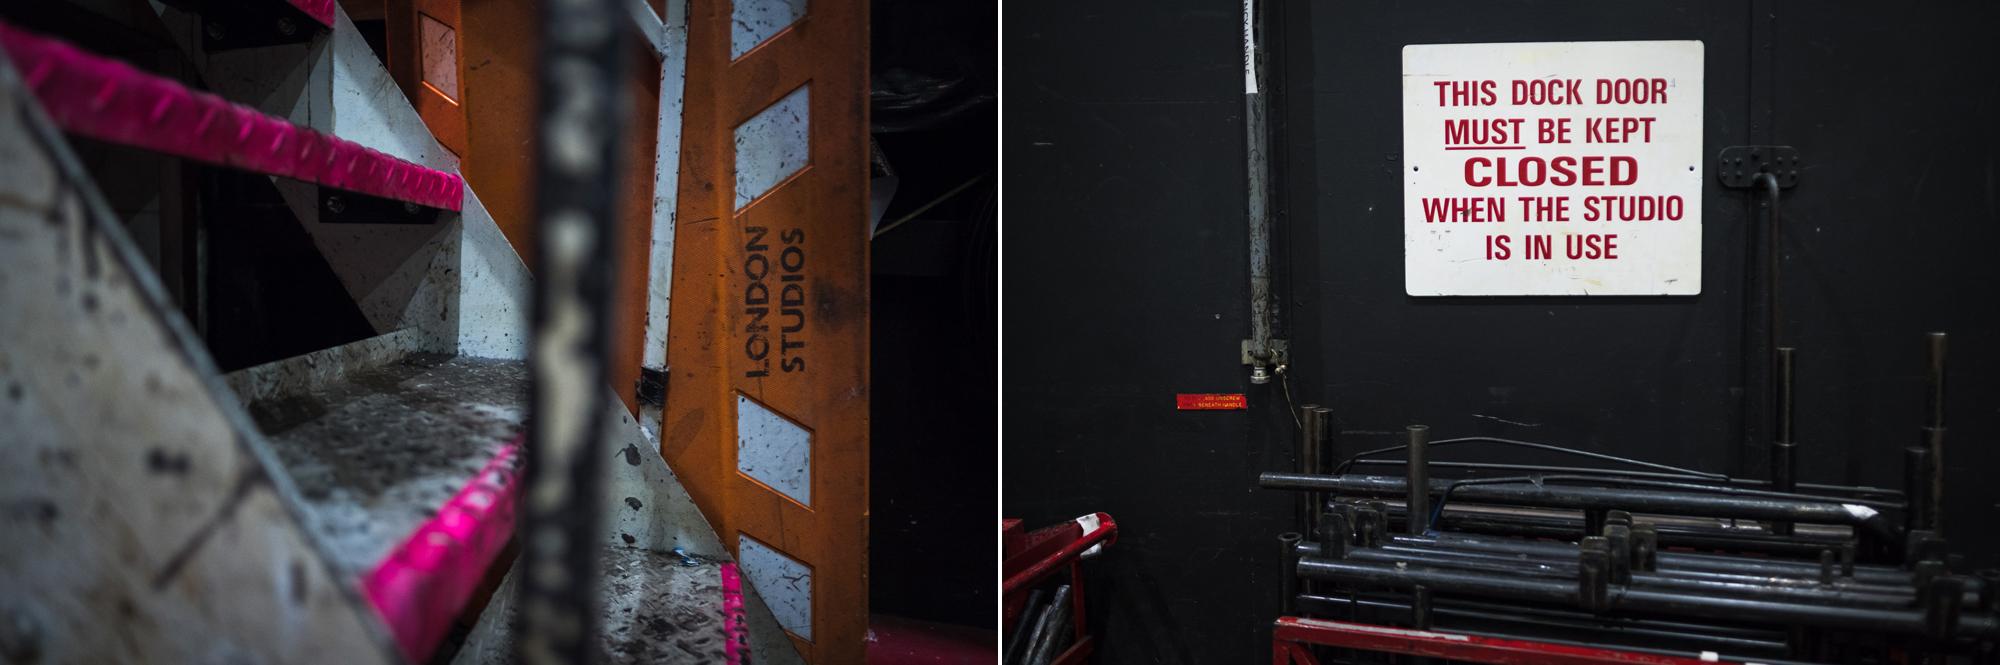 ITV Studios London